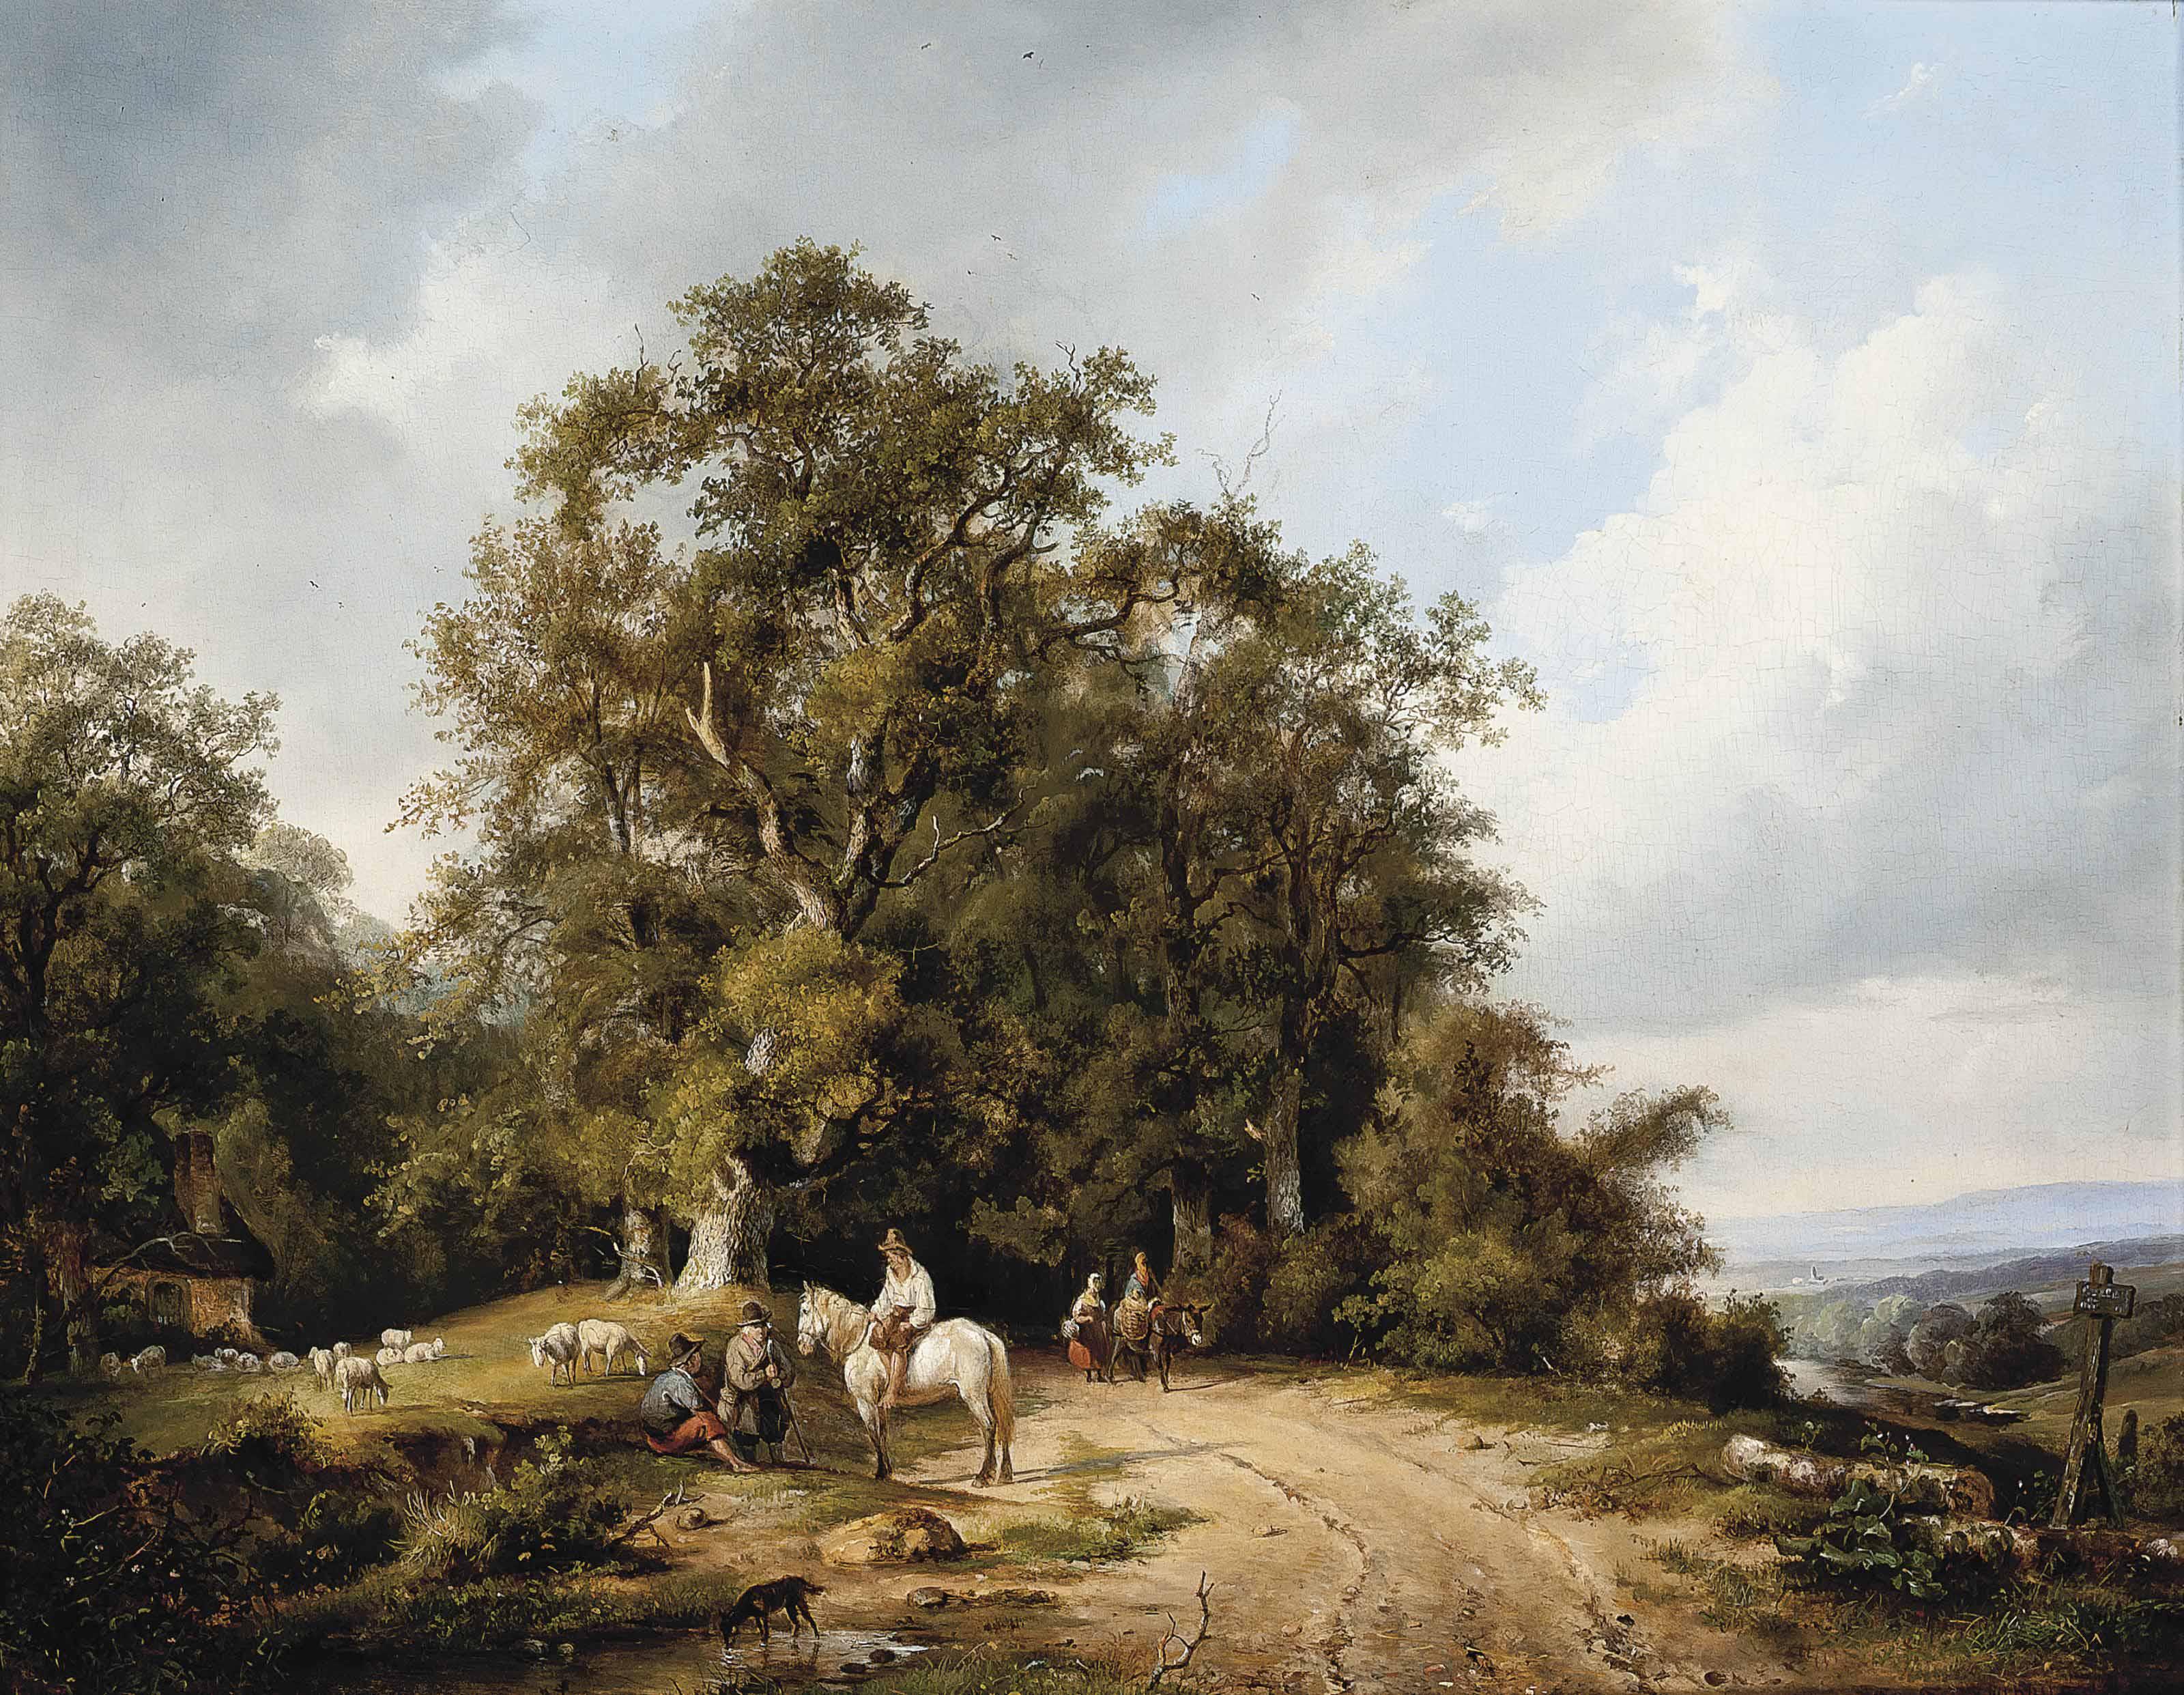 Frans Arnold Breuhaus De Groot (Dutch, 1824-1872)